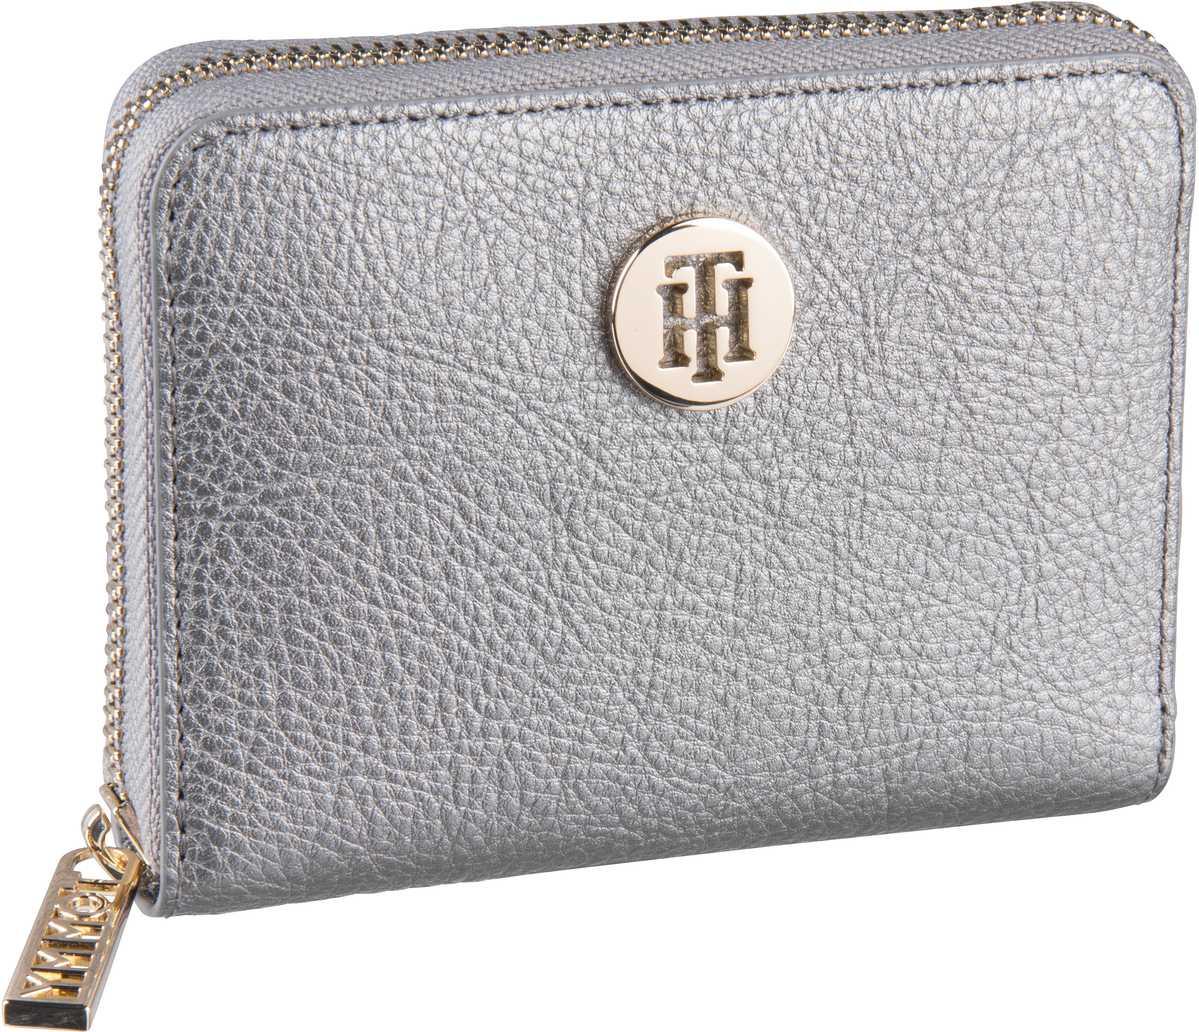 Geldboersen für Frauen - Tommy Hilfiger Geldbörse TH Core Compact ZA Wallet 6135 Pewter  - Onlineshop Taschenkaufhaus